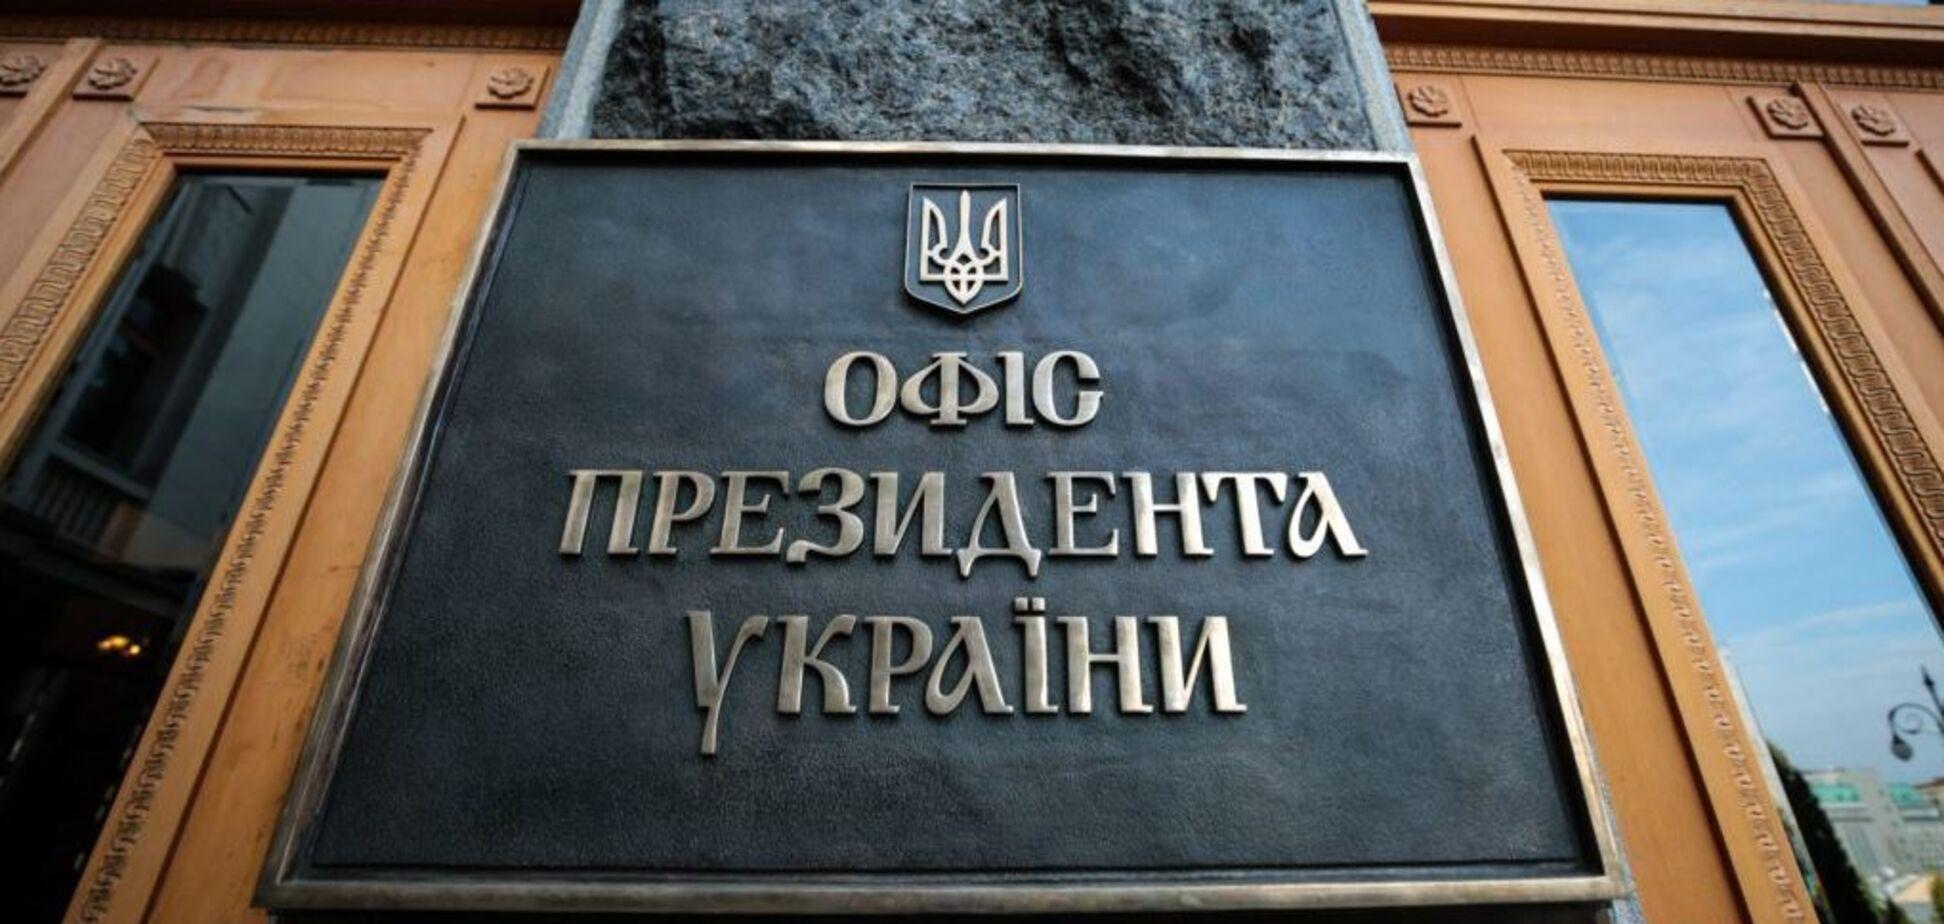 Администрации Зеленского стоит хорошо подумать, прежде чем выдвигать необоснованные обвинения против реформаторов, – западные эксперты